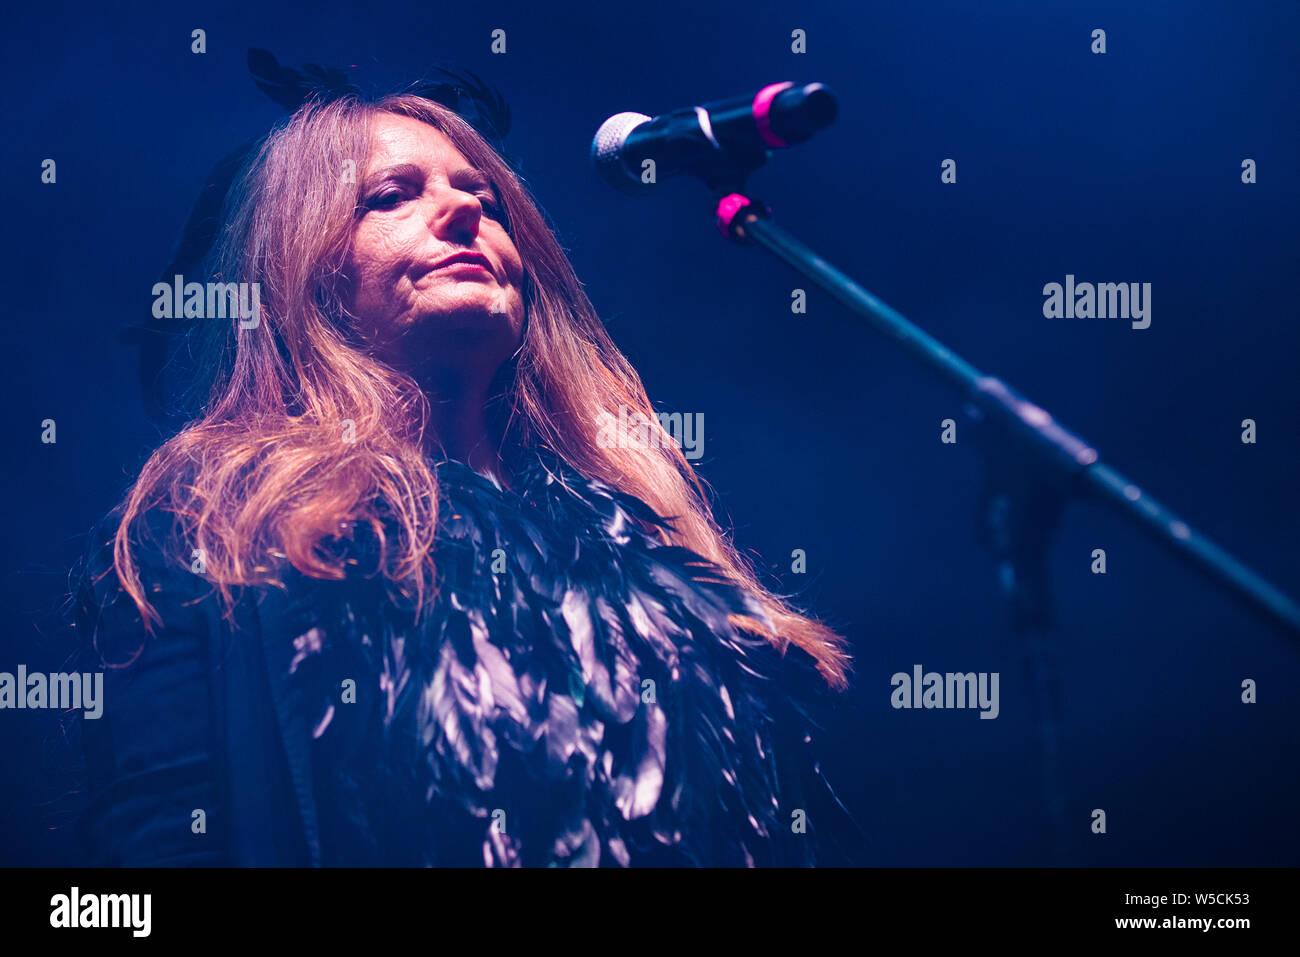 Nada performed in Treviso last 24.7.2019 Stock Photo